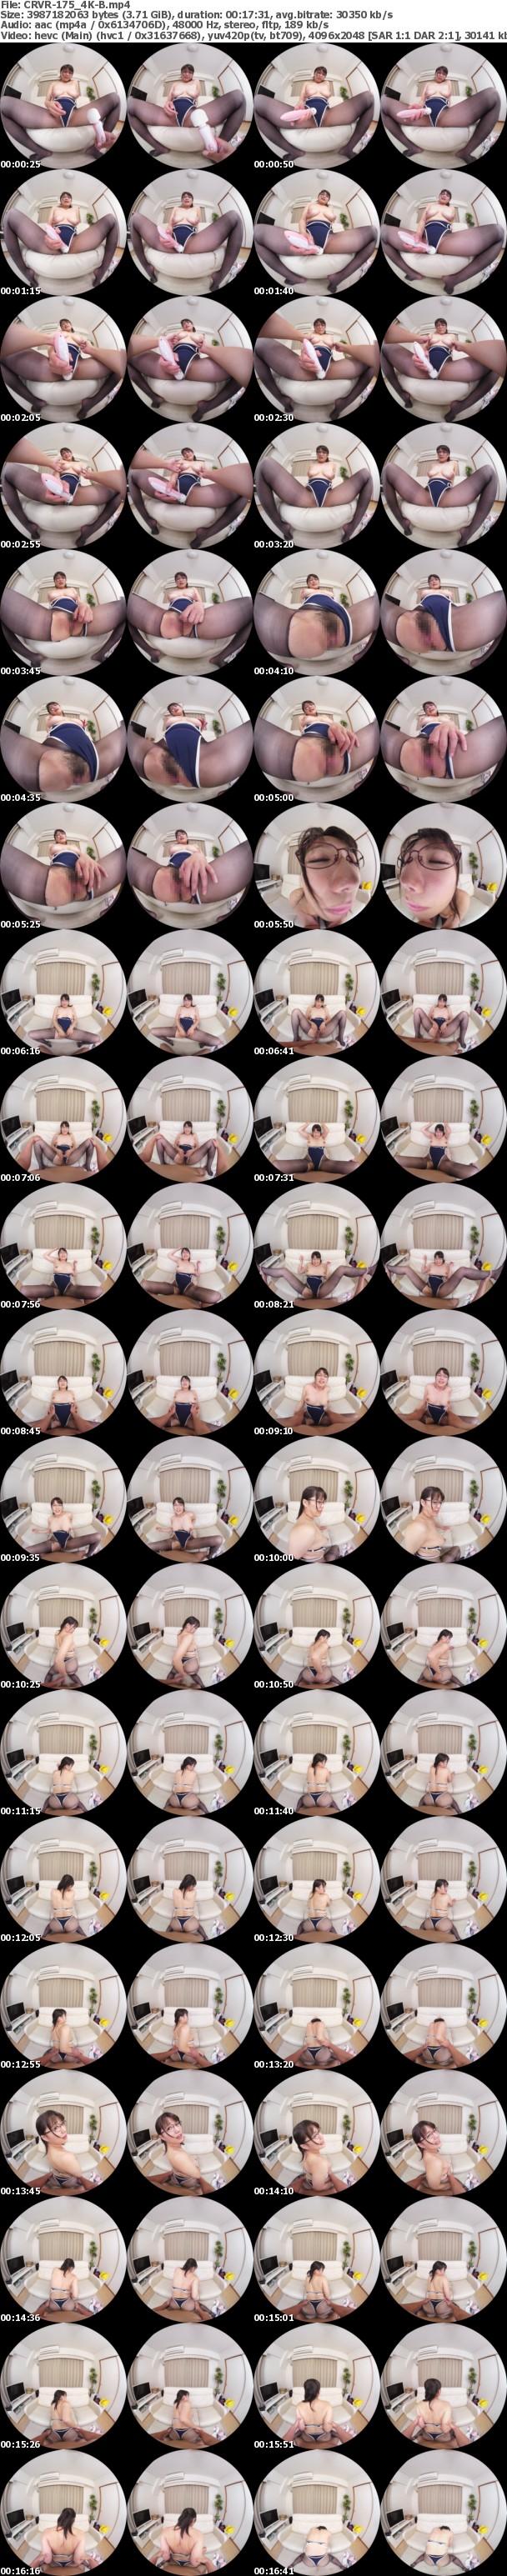 (VR) (4K) CRVR-175 眼鏡×競泳水着×くびれボインVR 佐知子